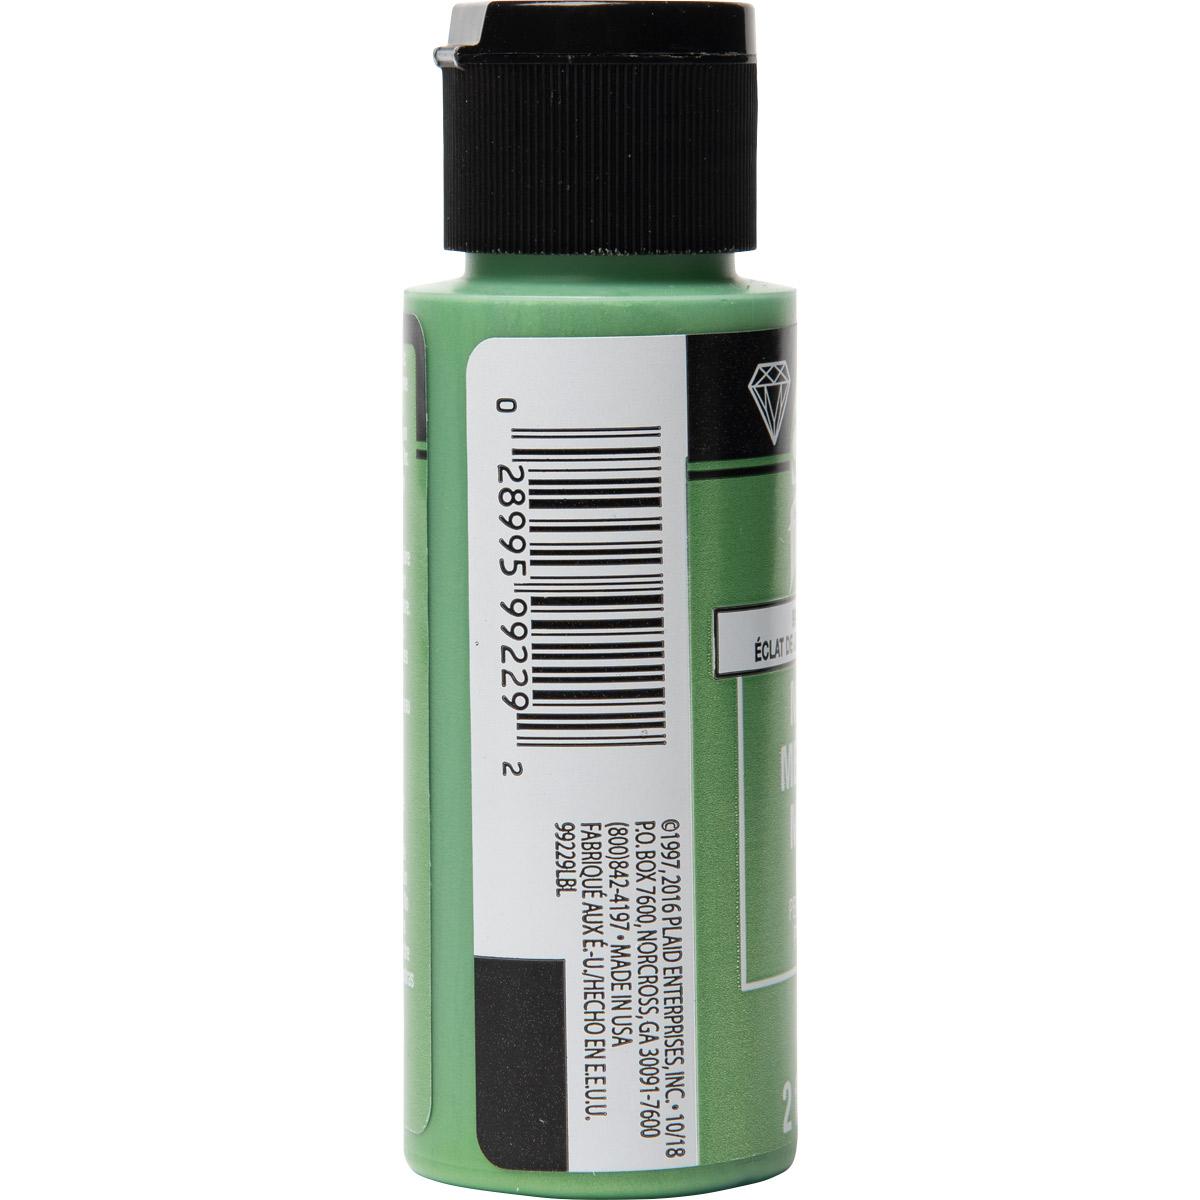 FolkArt ® Metallics - Jade Shimmer, 2 oz. - 99229